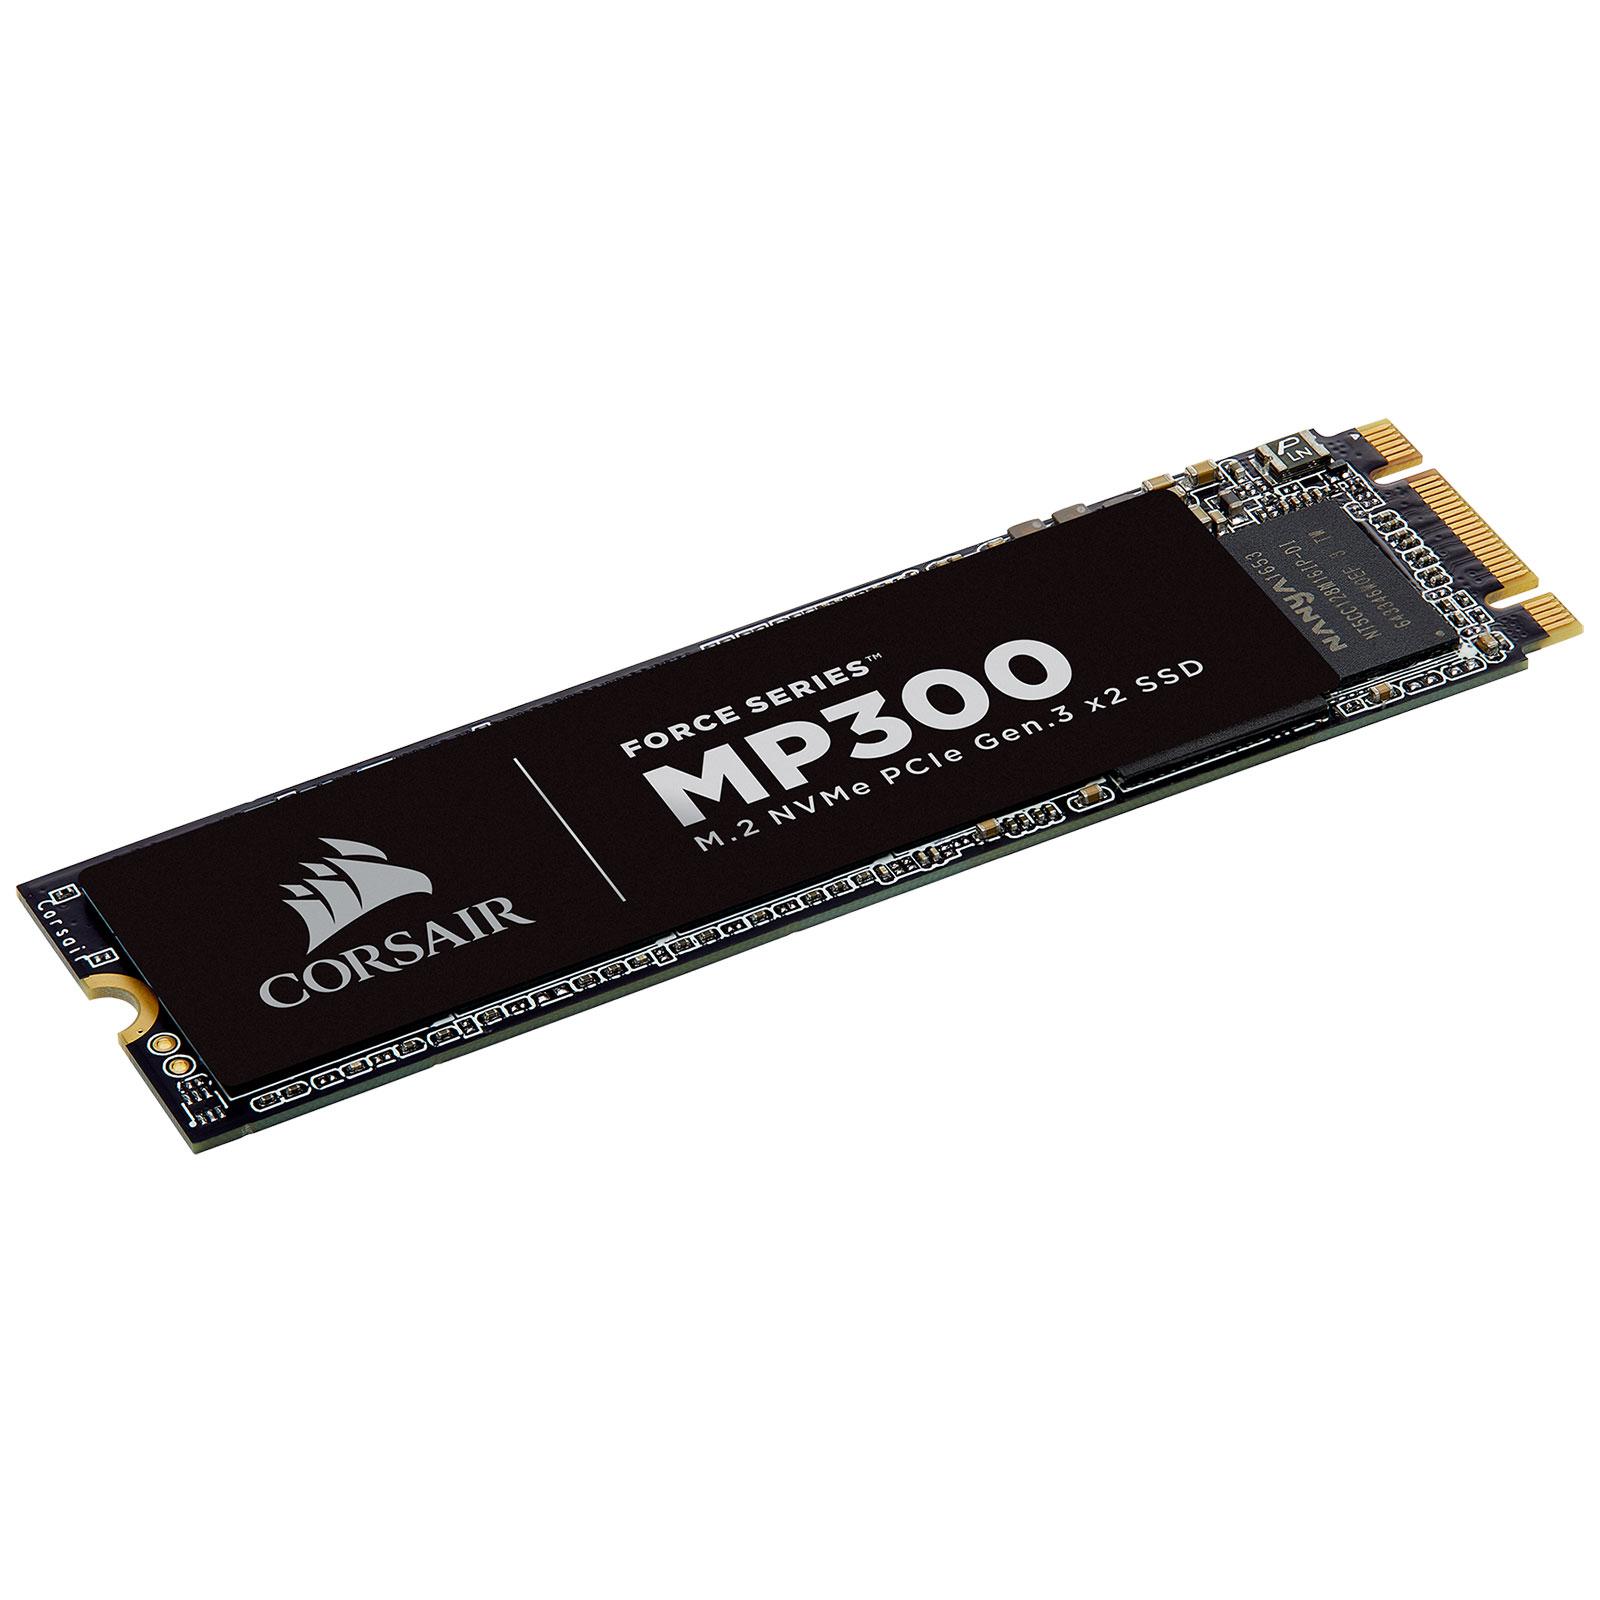 Corsair CSSD-F240GBMP300 240-275Go M.2 - Disque SSD Corsair - 3